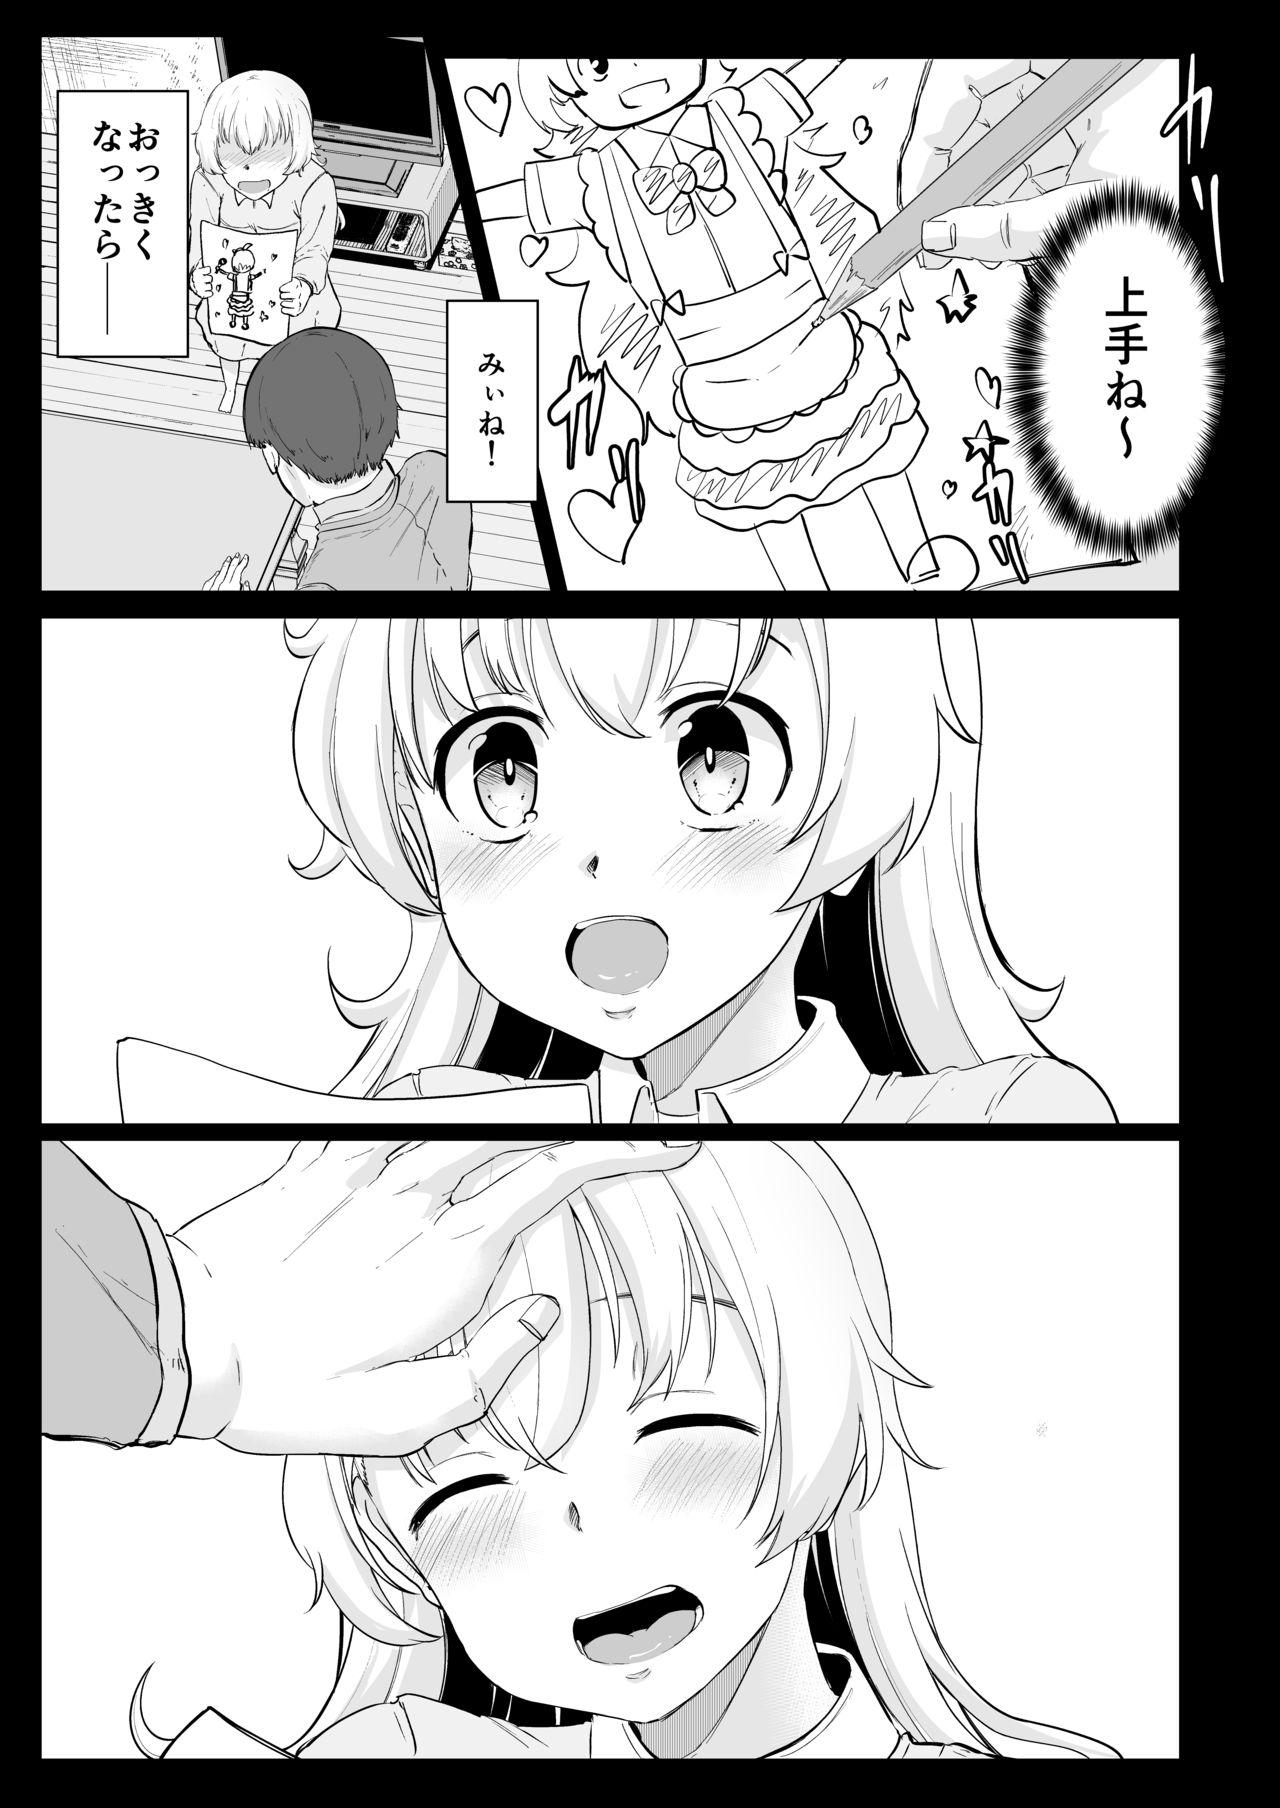 Mii Senpai ga Shojomaku Collector ni Shojomaku o Ubawareru Hon 17